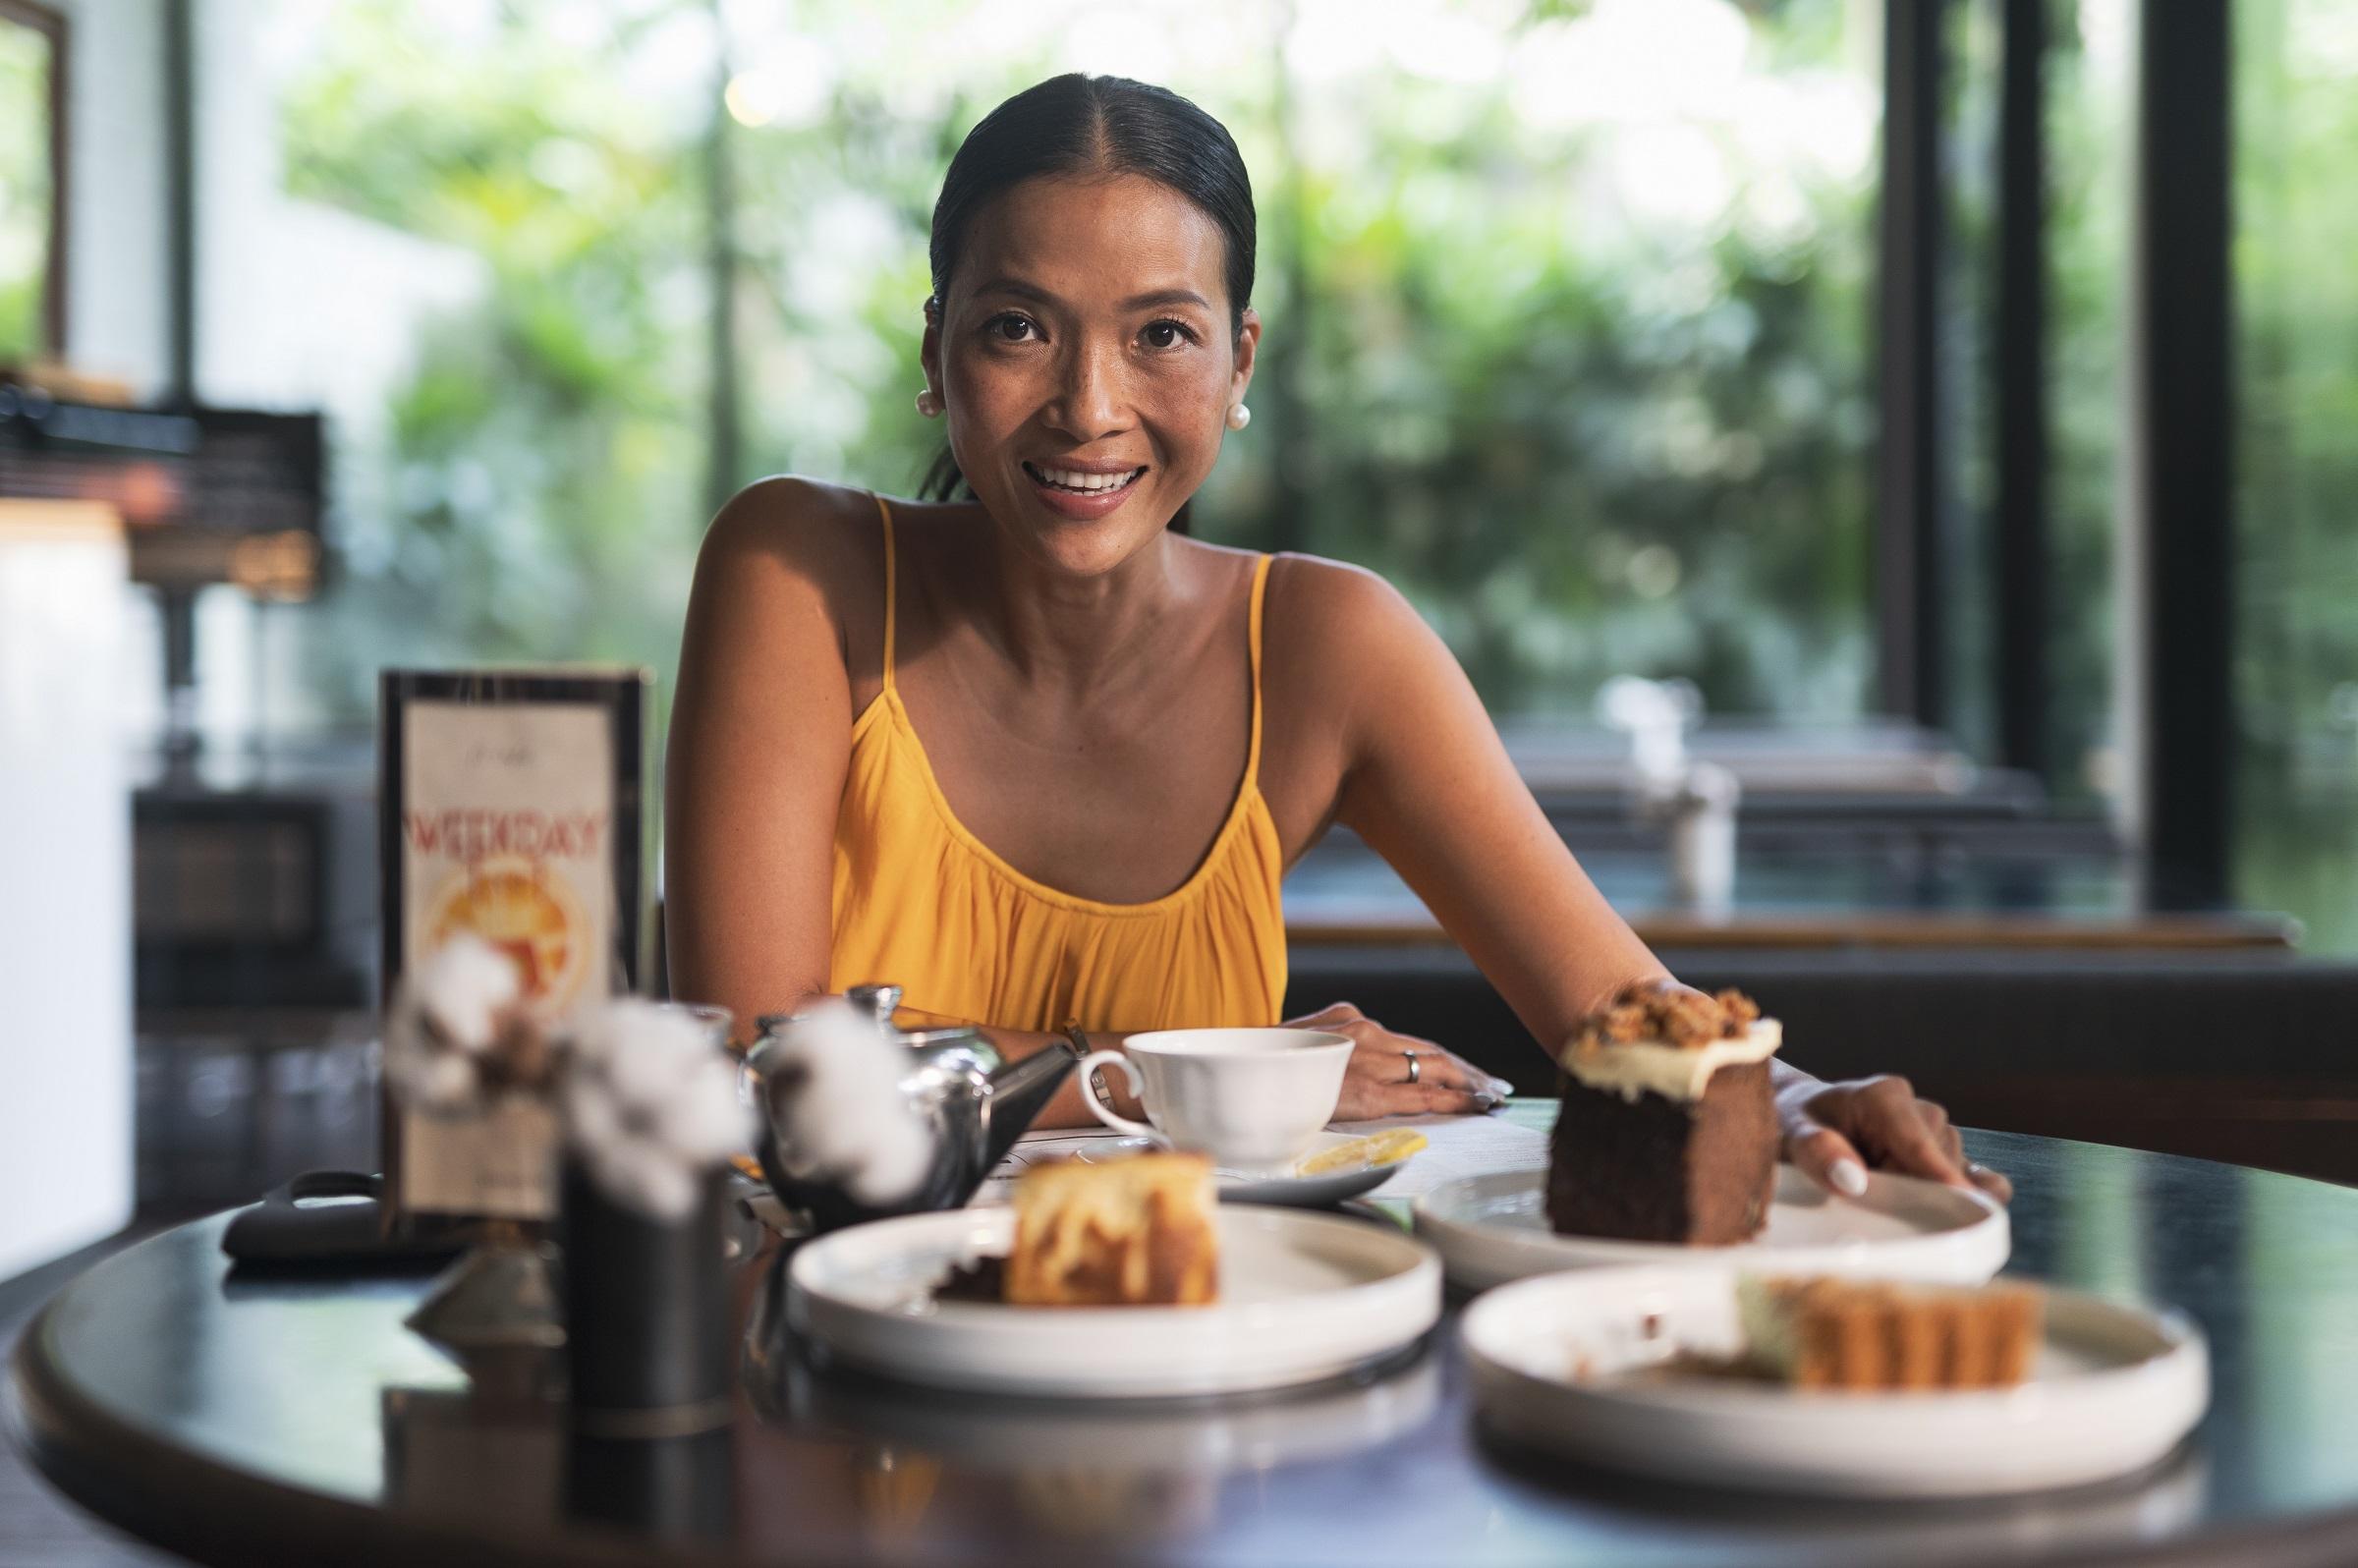 Những món bánh ngọt là lý do khiến Bằng Lăng yêu thích nơi này, bên cạnh không gian xanh mát, yên tĩnh, tách biệt với sự ồn ào, náo nhiệt của phố thị.